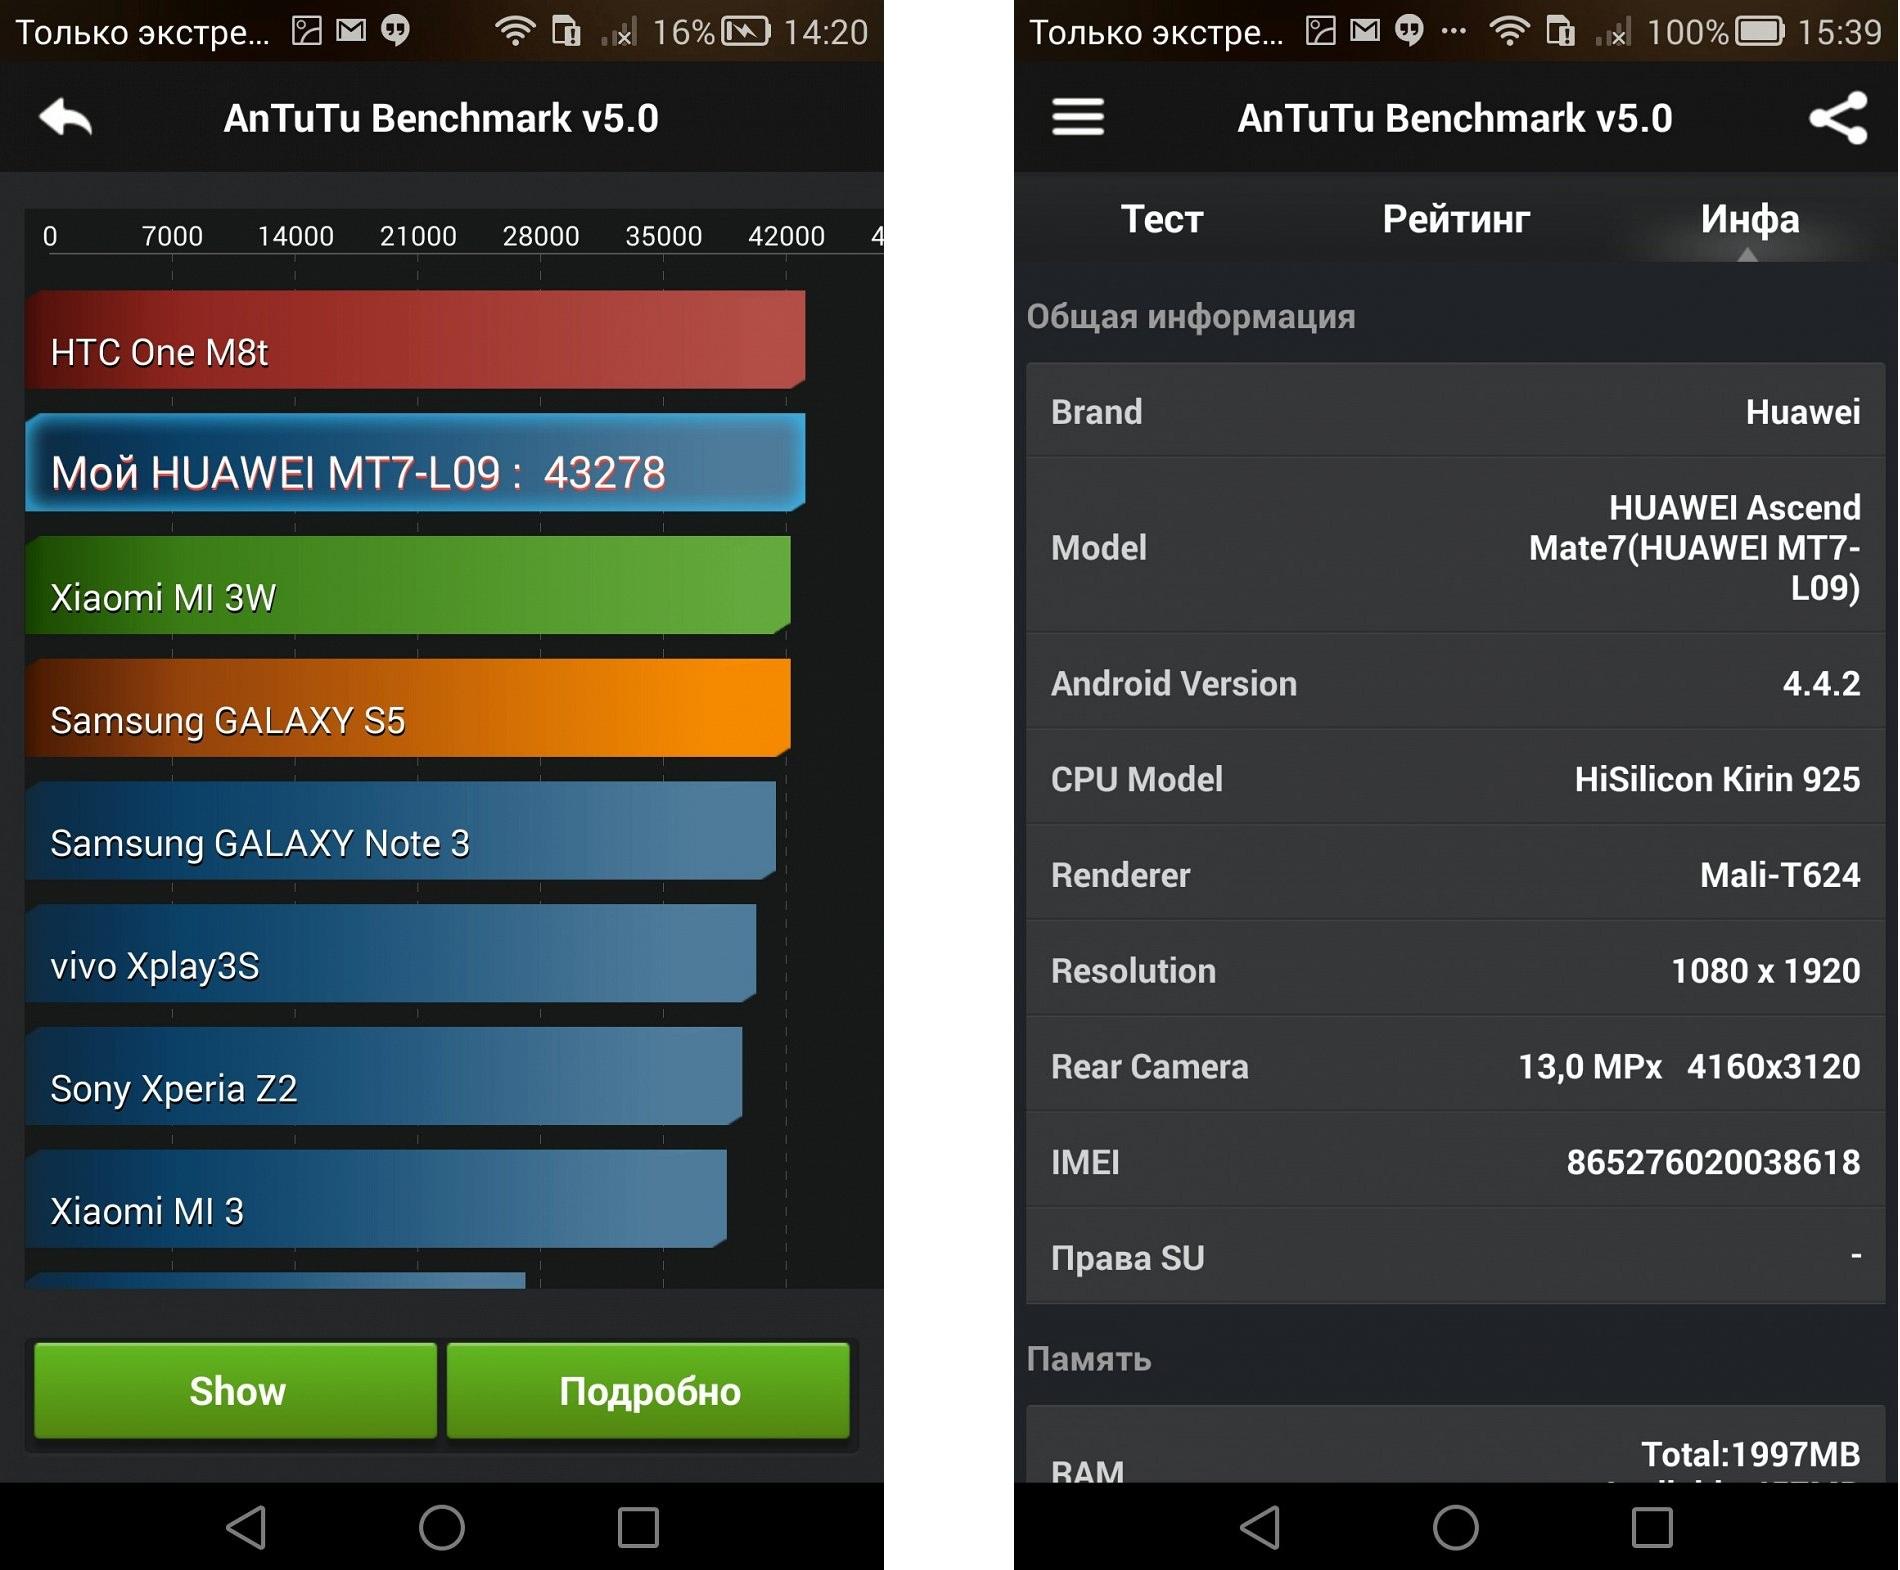 Huawei Ascend Mate 7 - AntuTu